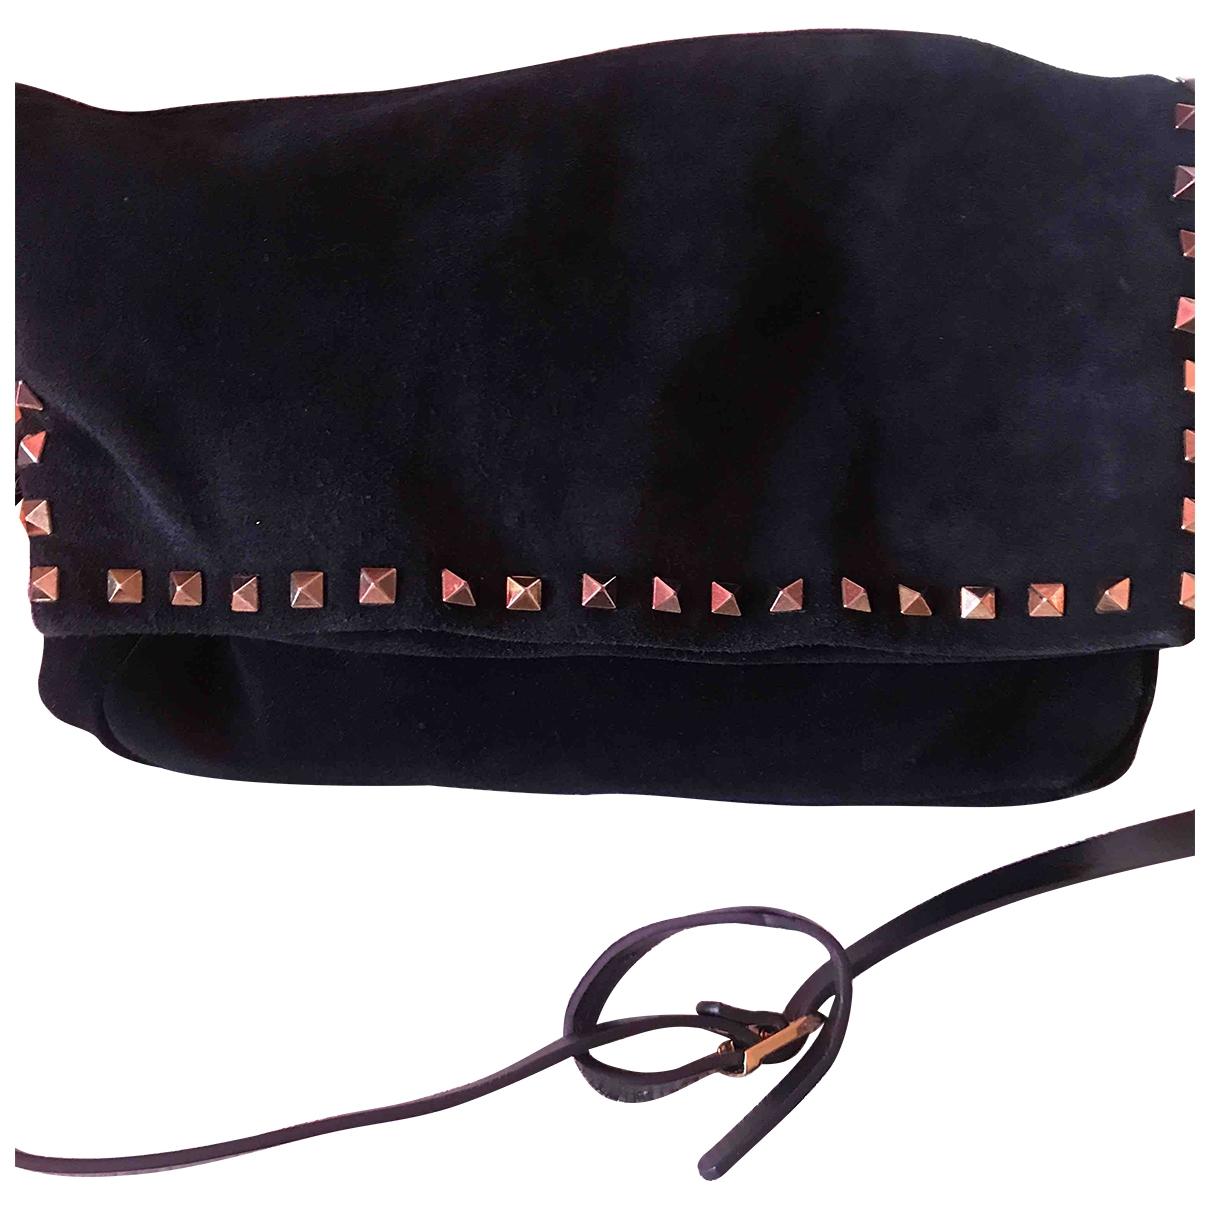 Zara \N Black Suede handbag for Women \N